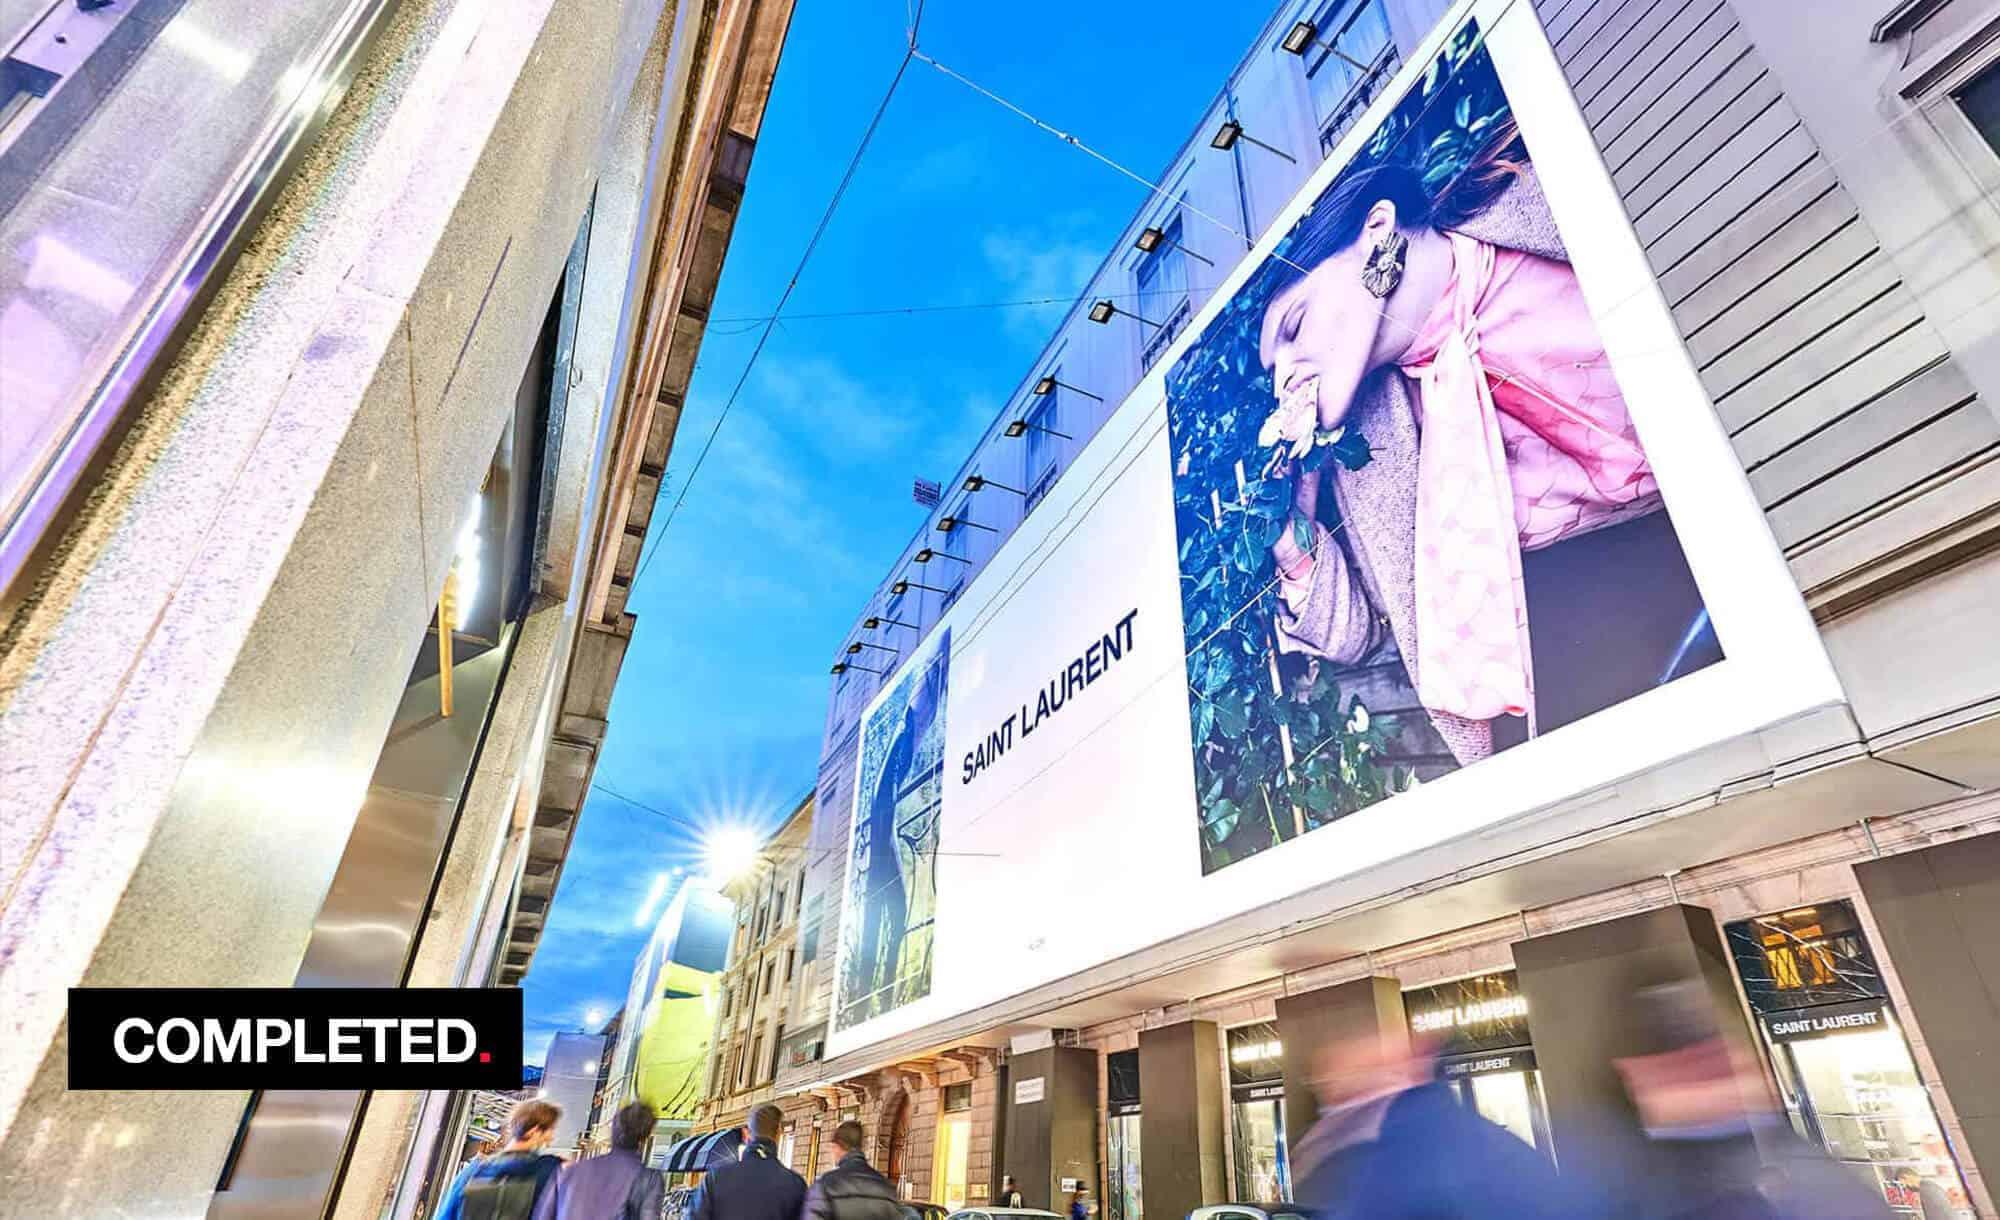 Maxi Affissione Streetvox in Via Monte Napoleone 8 con YSL Saint Laurent (fashion)